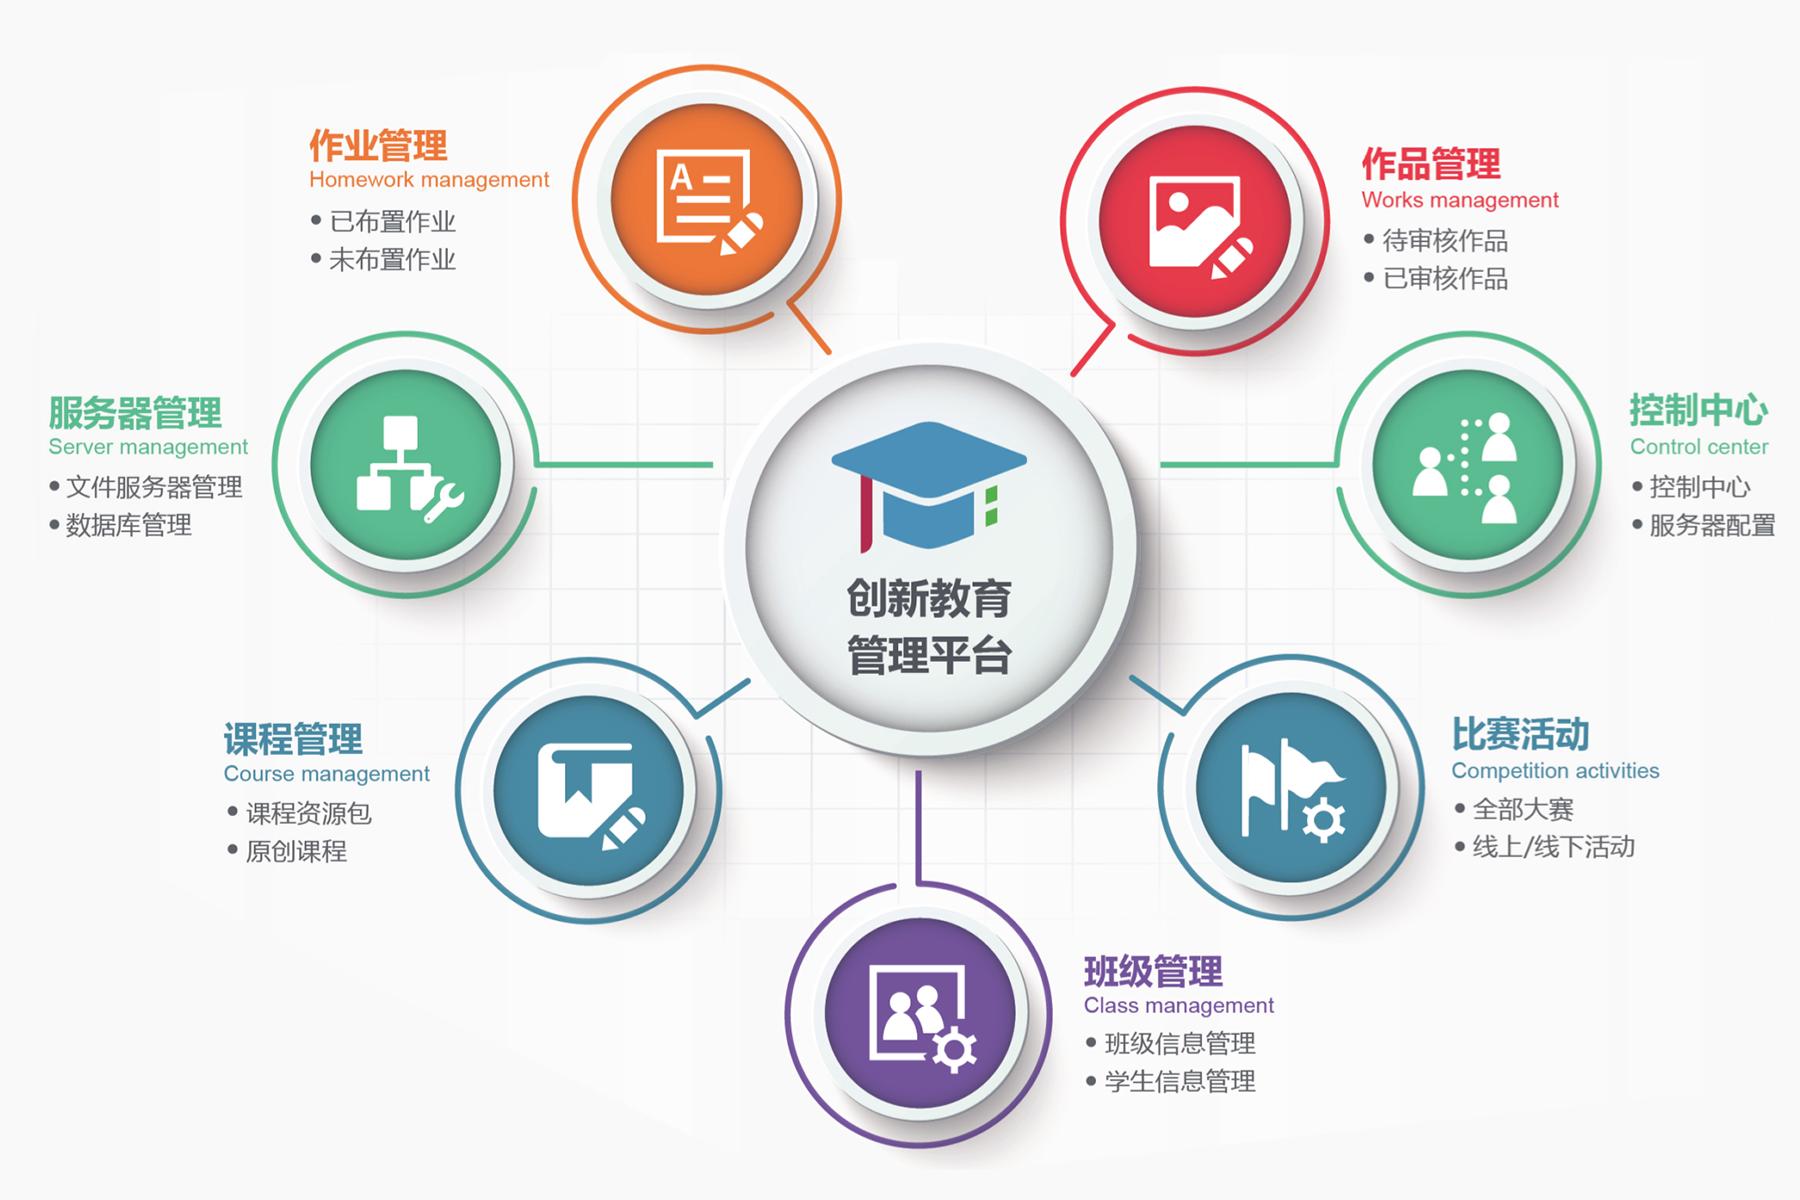 关键词:3D打印,3D打印机,3D打印技术,STEAM教育,STEM教育,创客教育,教育3D打印机,教学管理系统